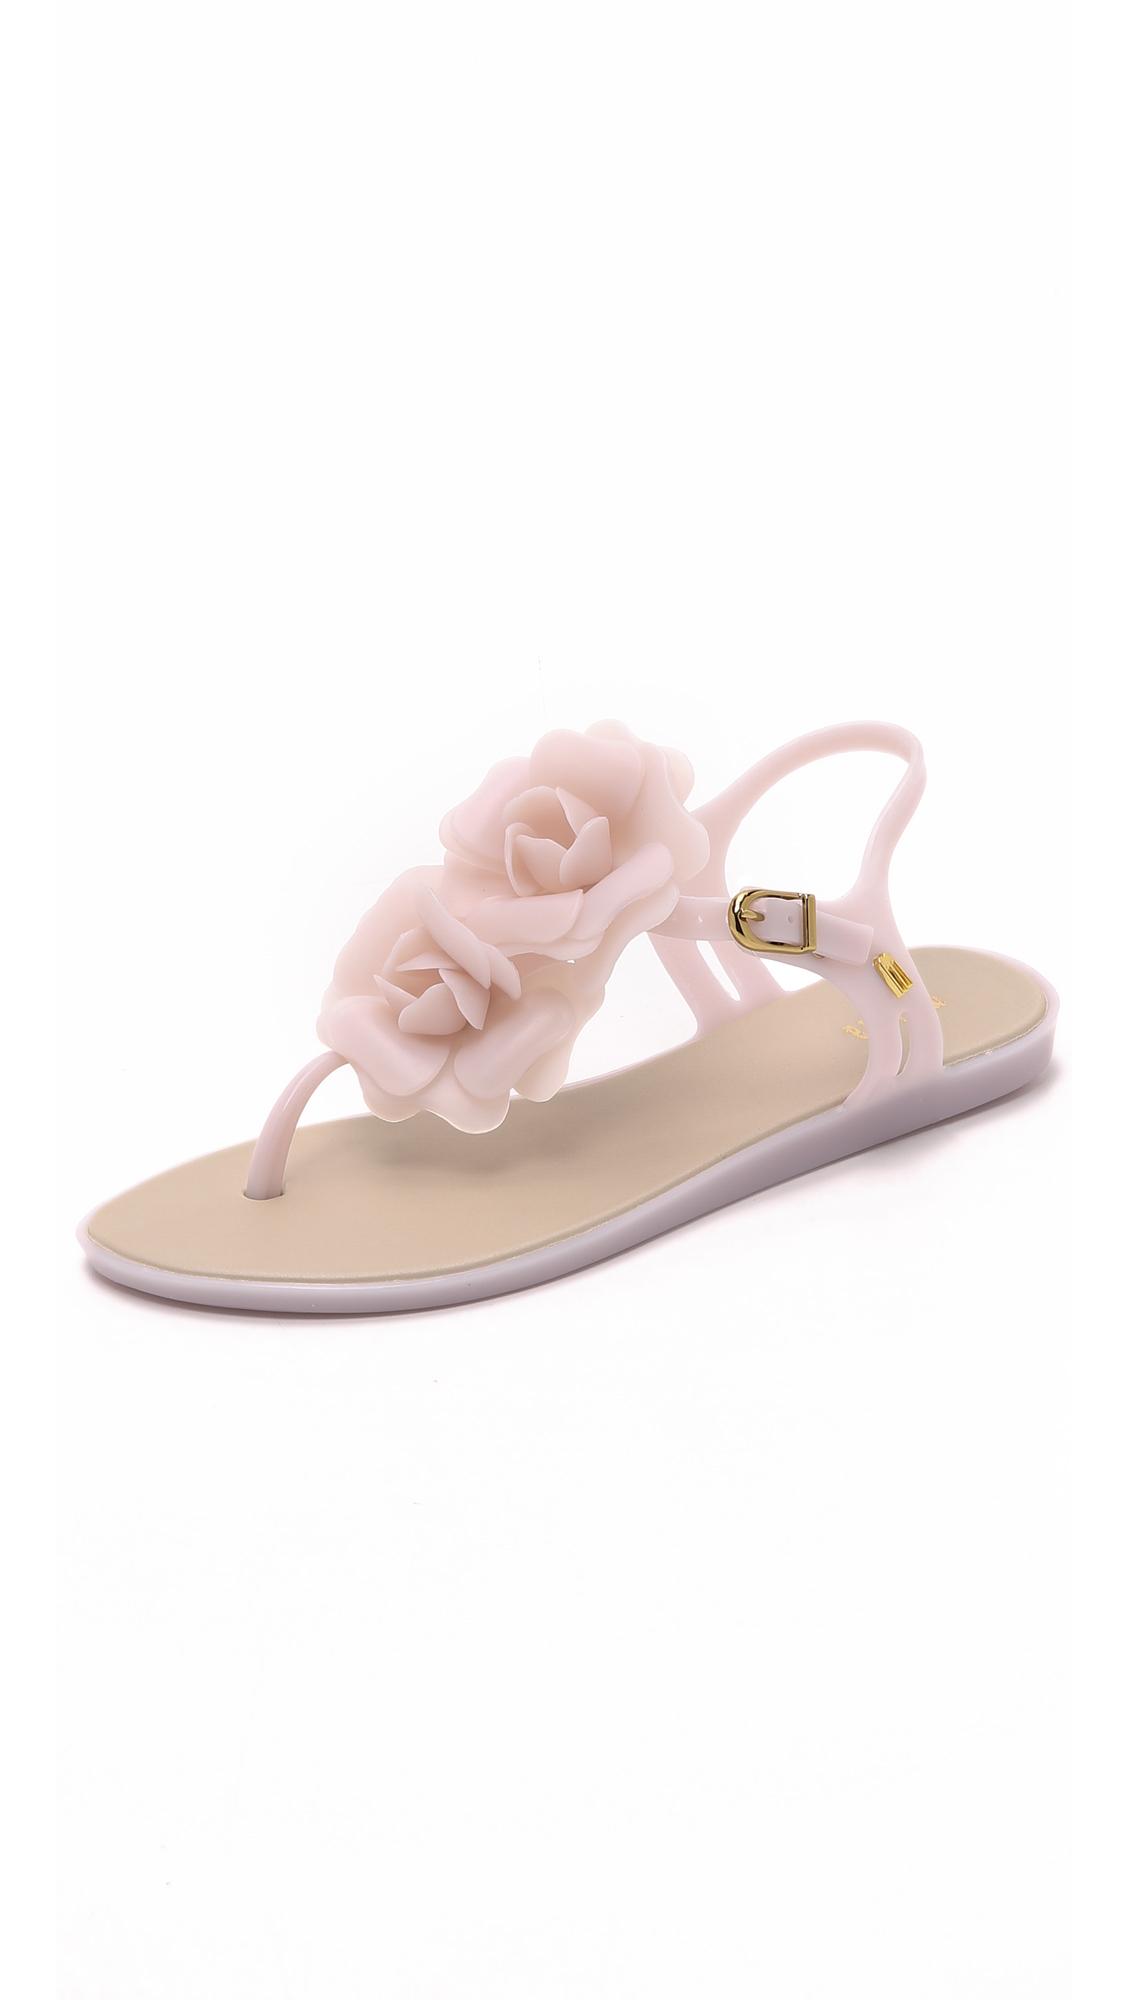 61c04de2832 Lyst - Melissa Solar Garden Sandals in Pink